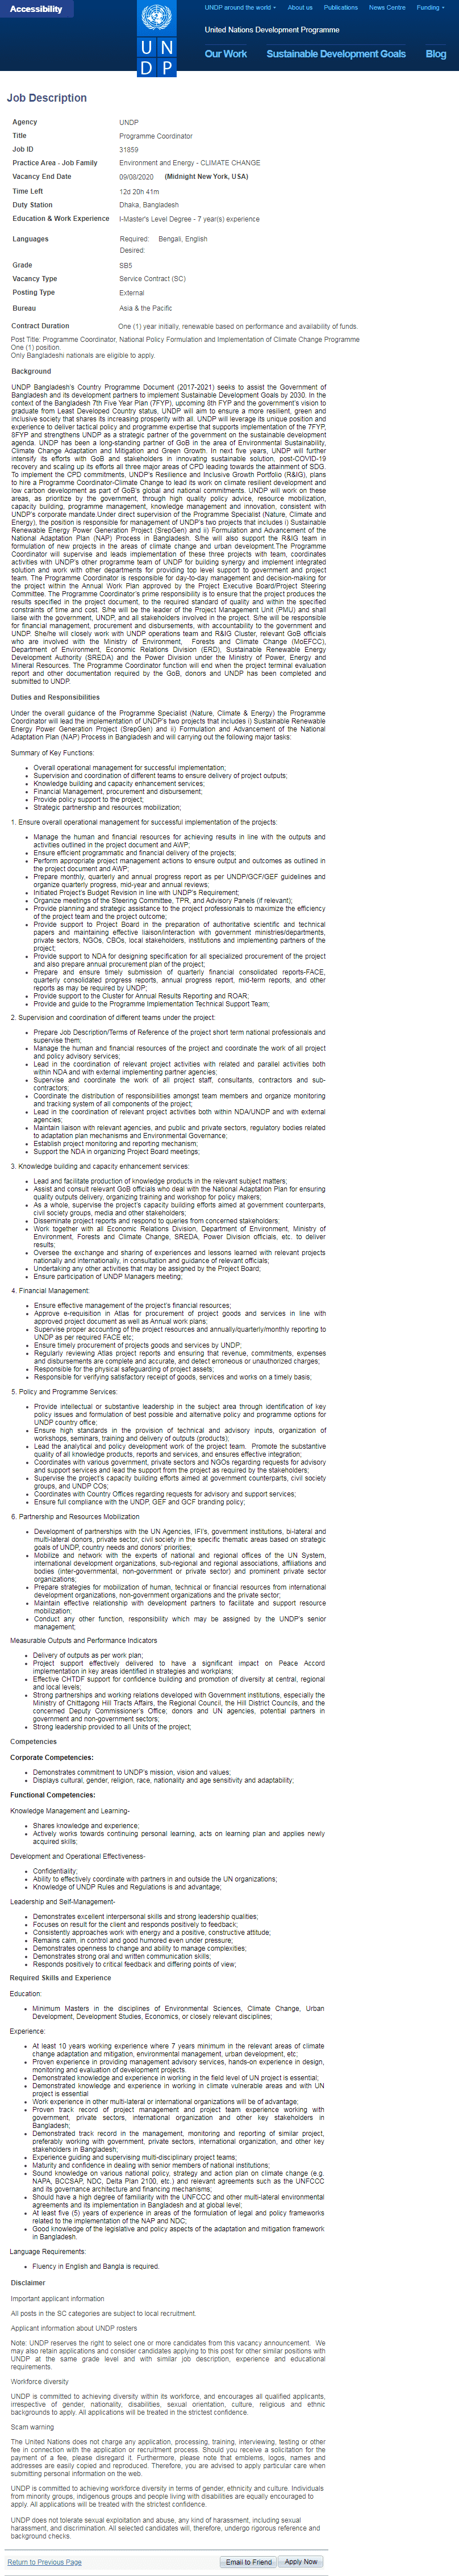 UNDP Programme Coordinator Job Circular 2020